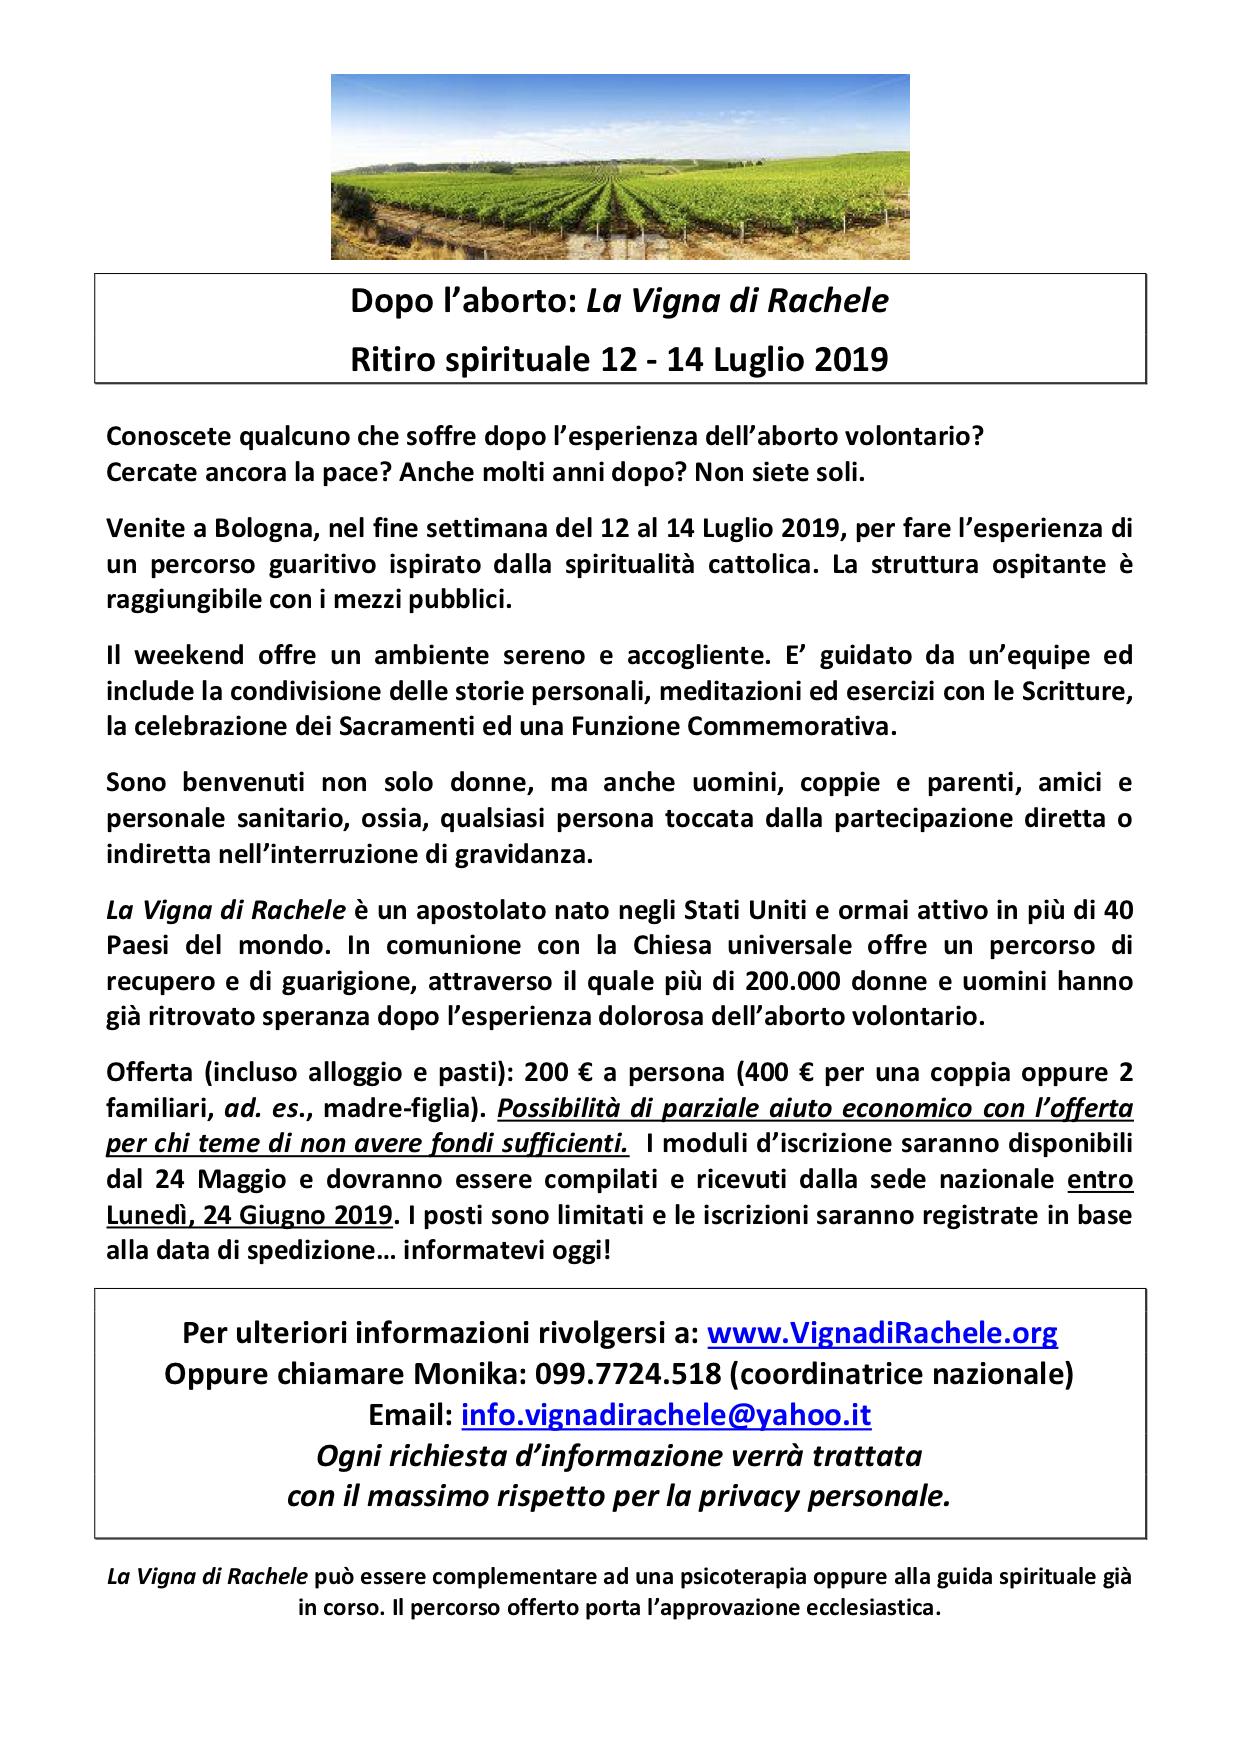 locandina_vigna_di_rachele